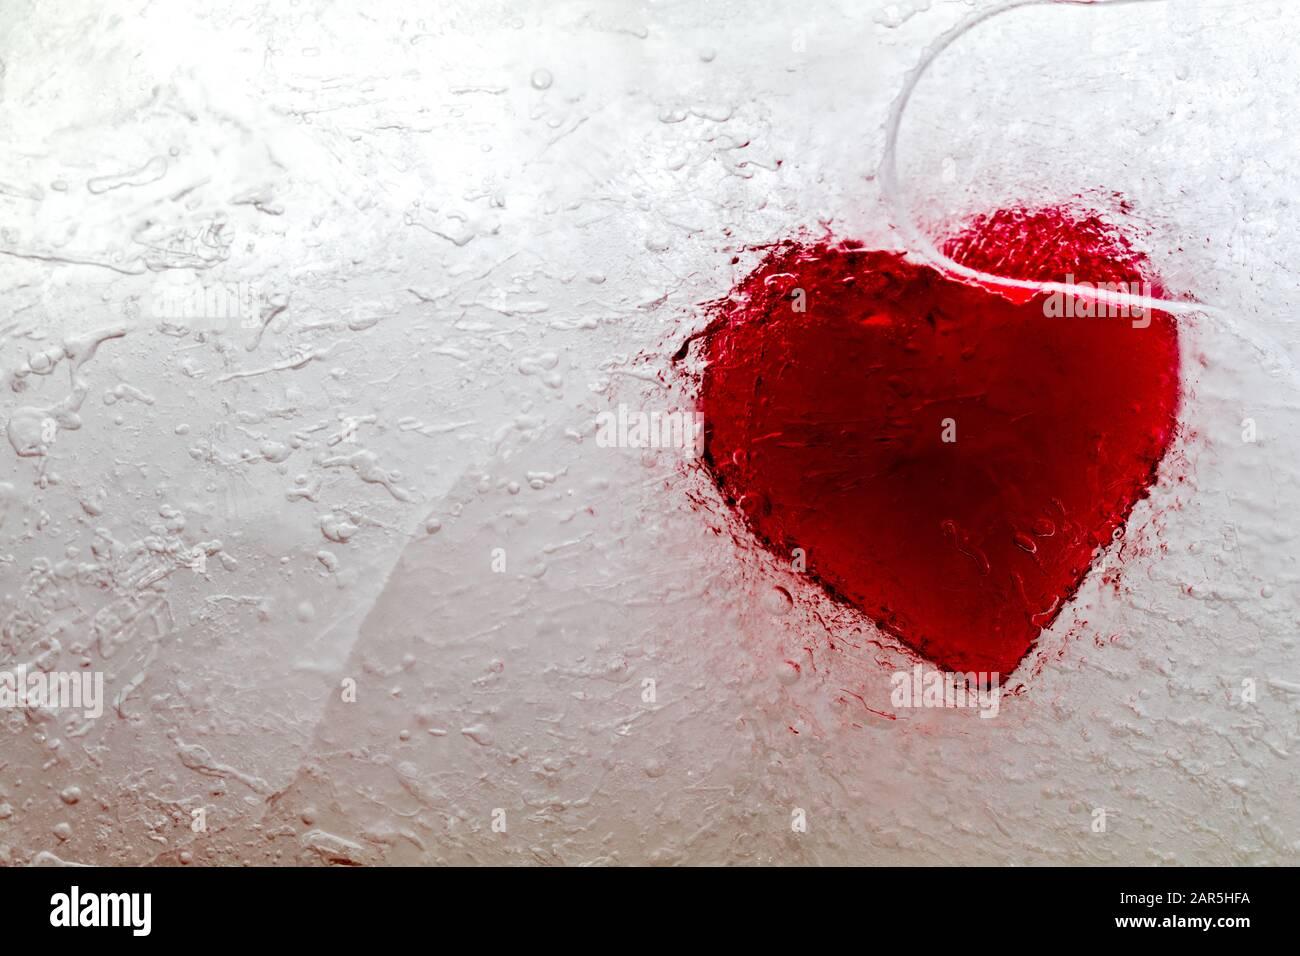 Abstrait coeur gelé dans la glace concept de coeur pas d'amour Banque D'Images